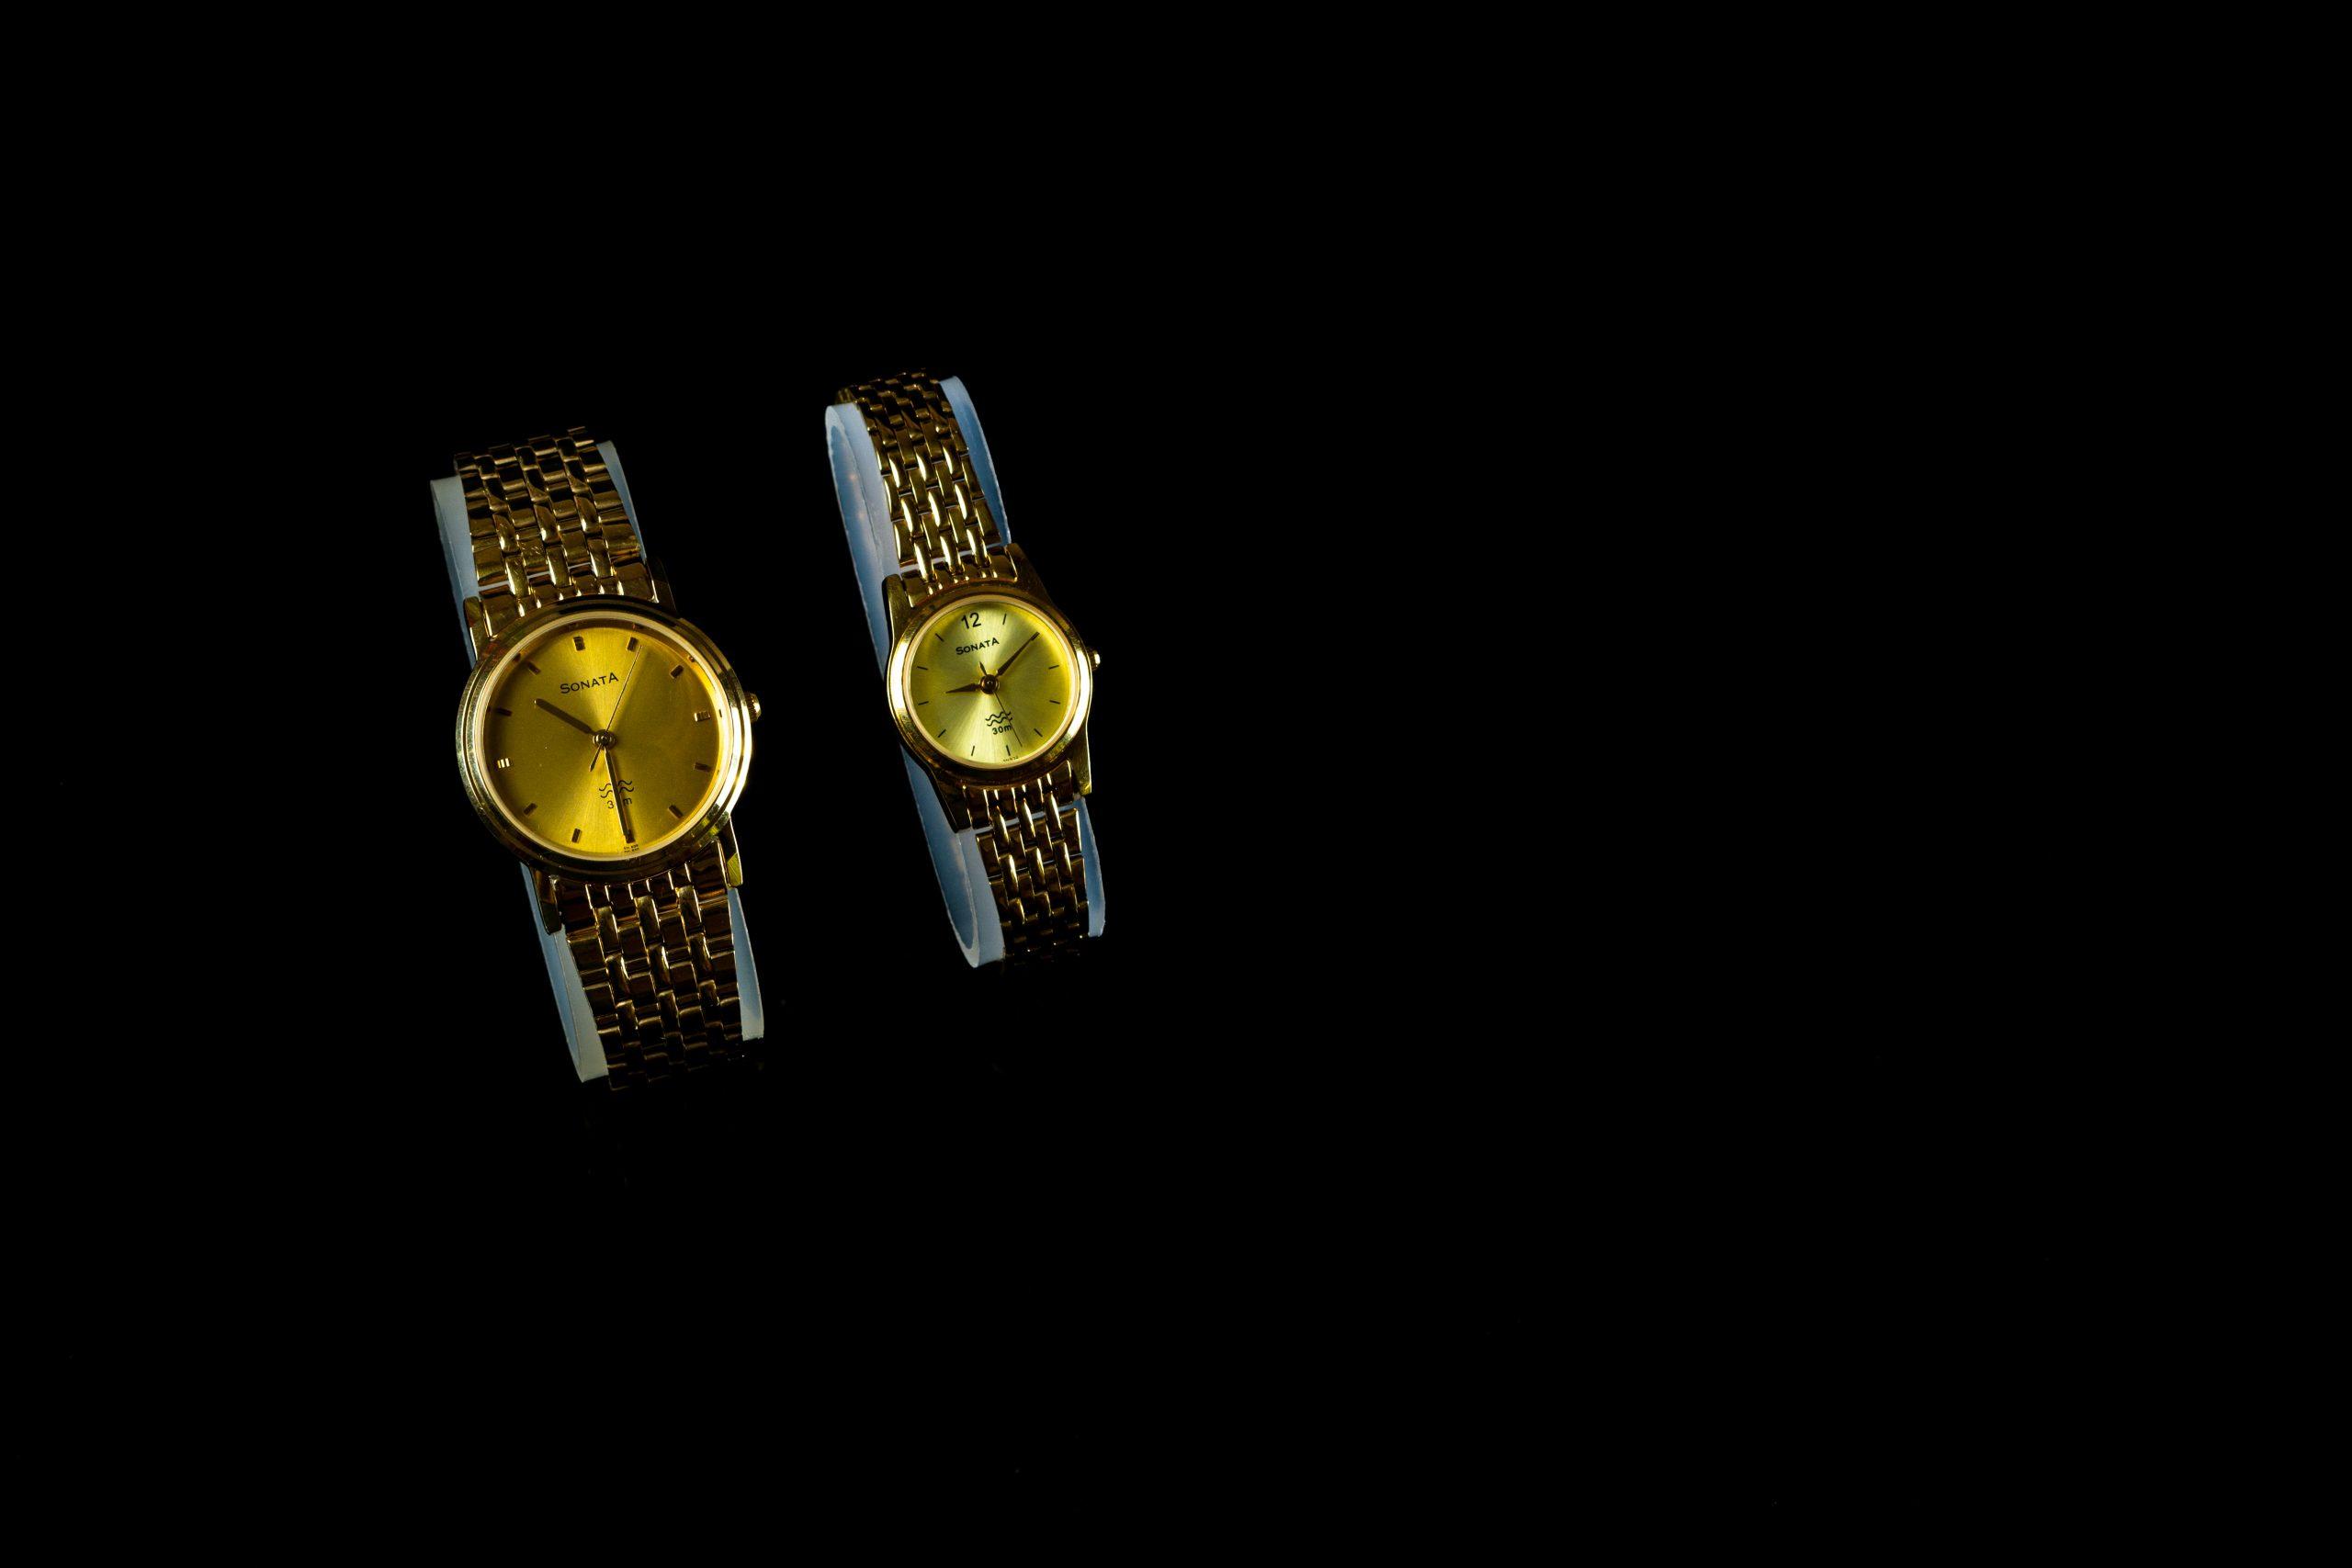 Beautiful wrist watches